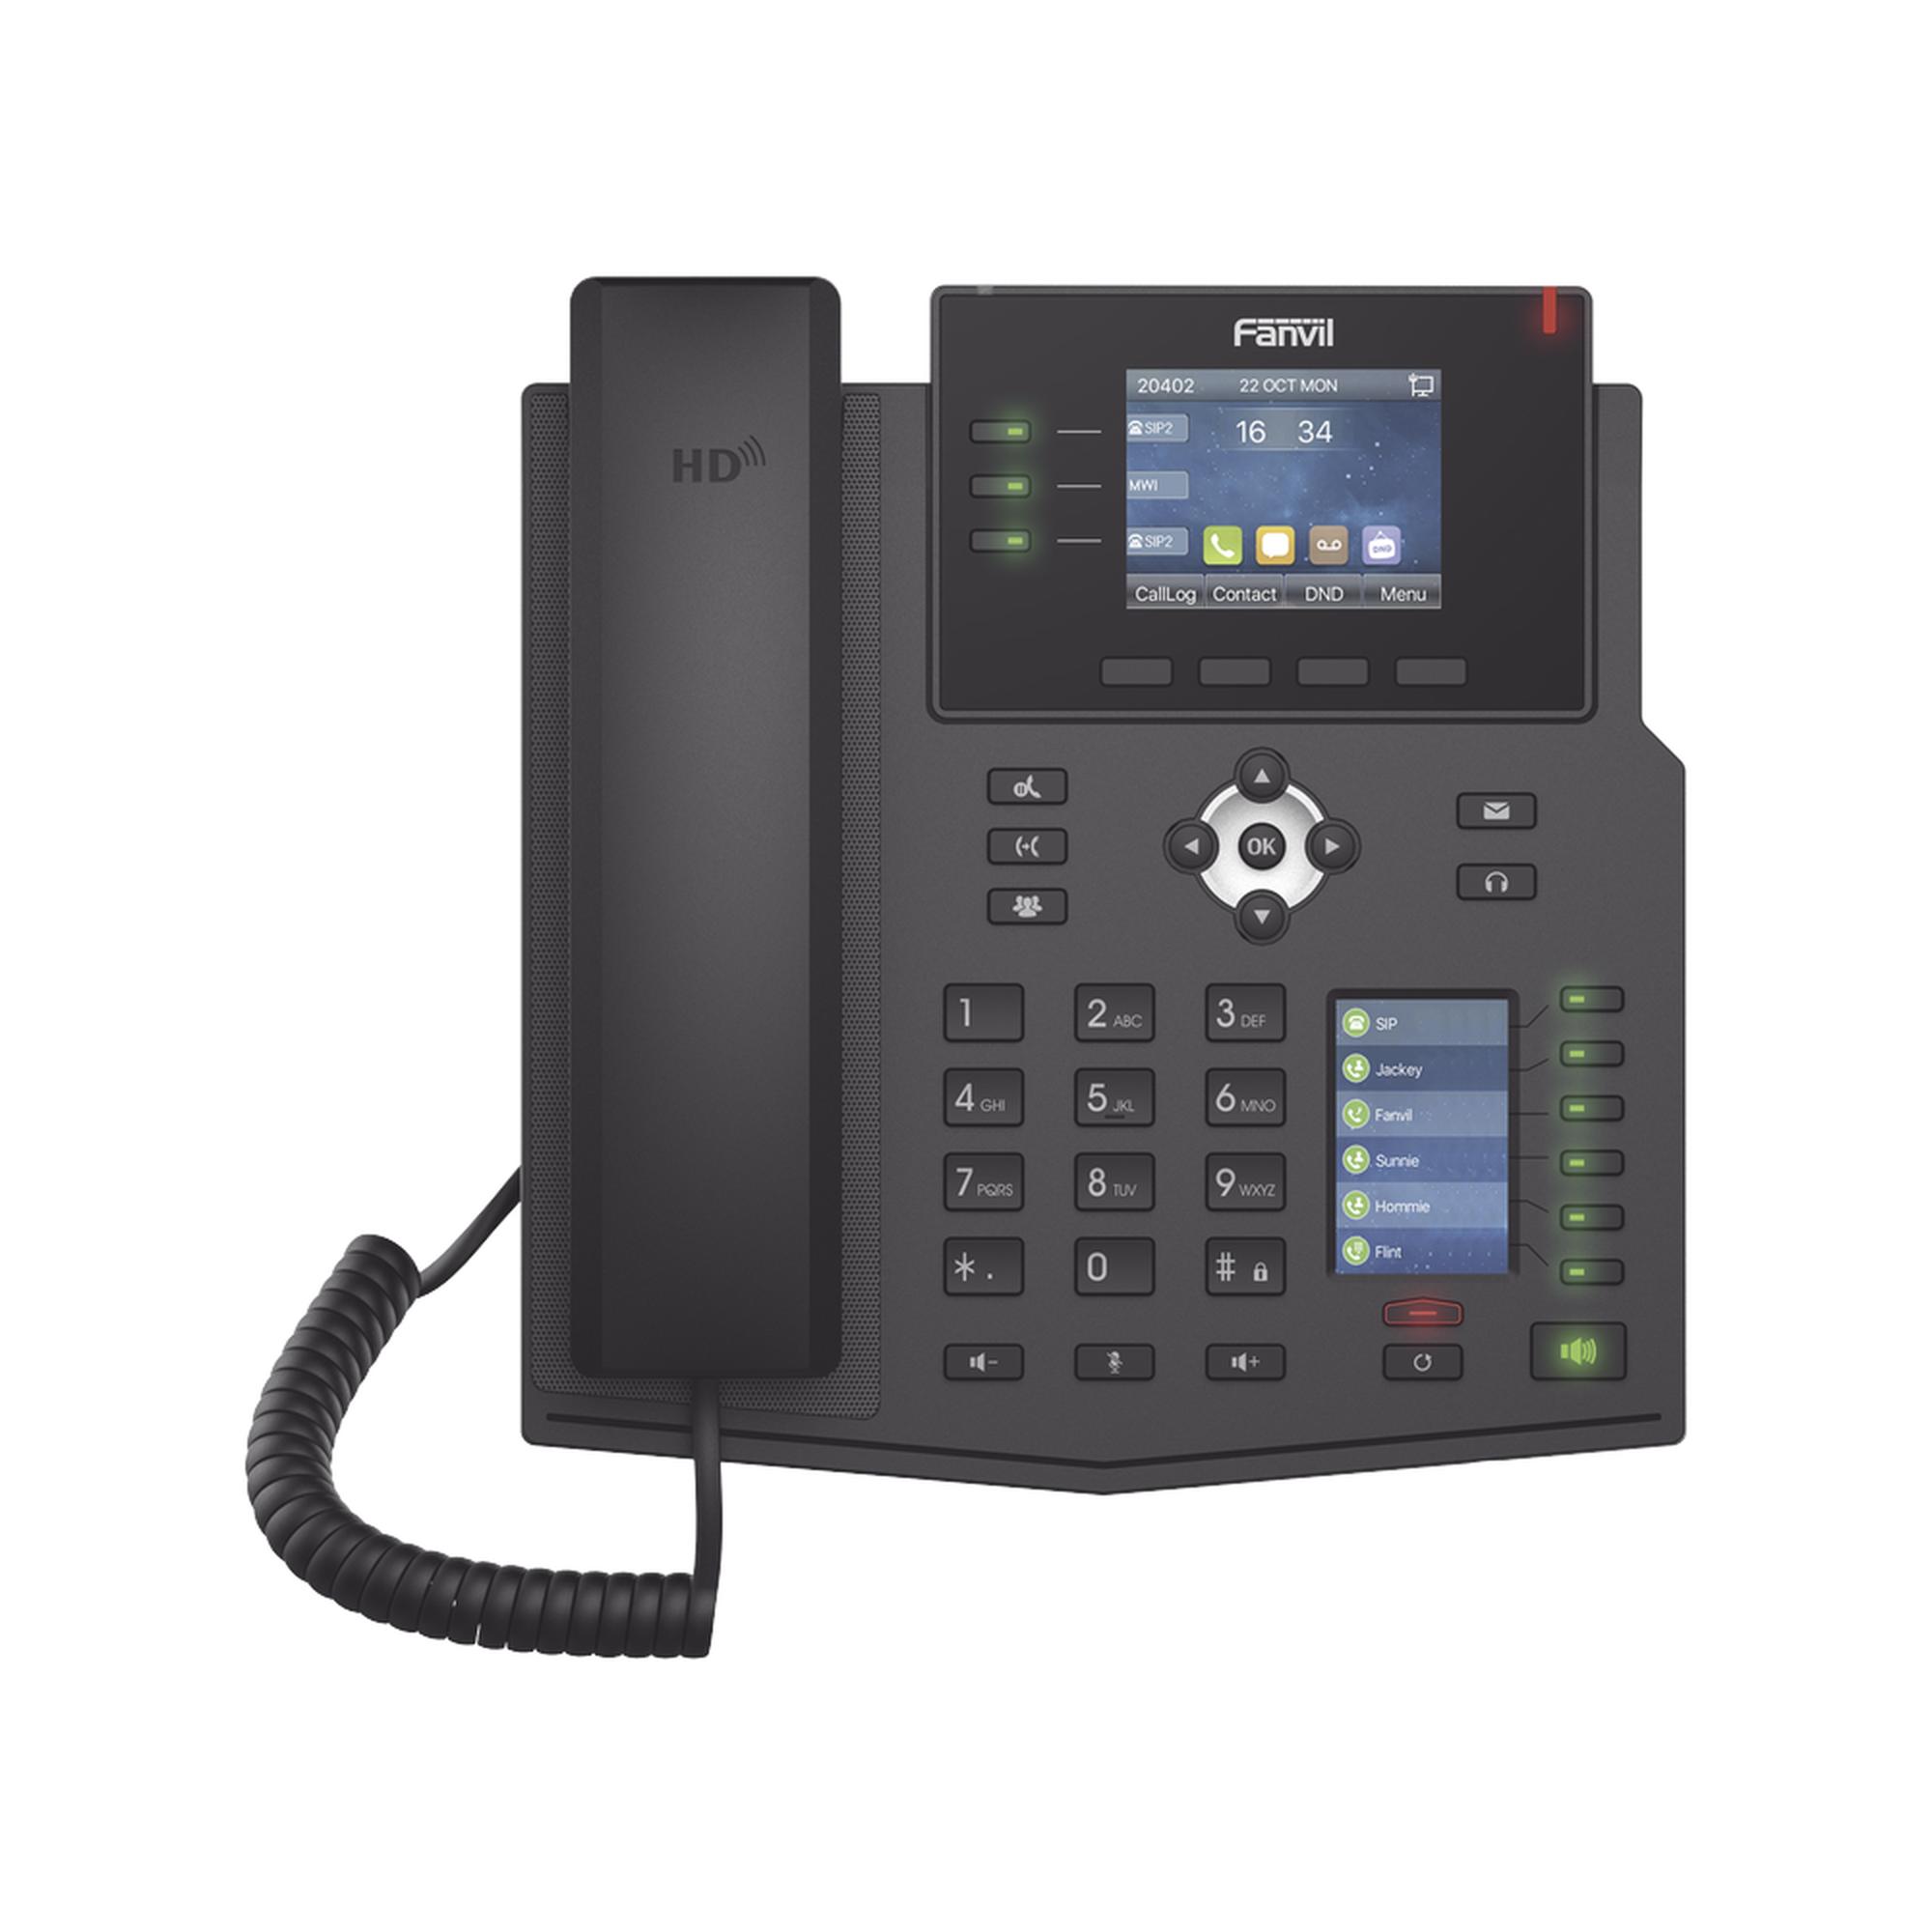 Teléfono IP Empresarial con Estándares Europeos, 12 lineas SIP con pantalla a color, 30 teclas DSS/BLF, puertos Gigabit, IPv6, Opus y conferencia de 3 vías, PoE/DC (incluye fuente).